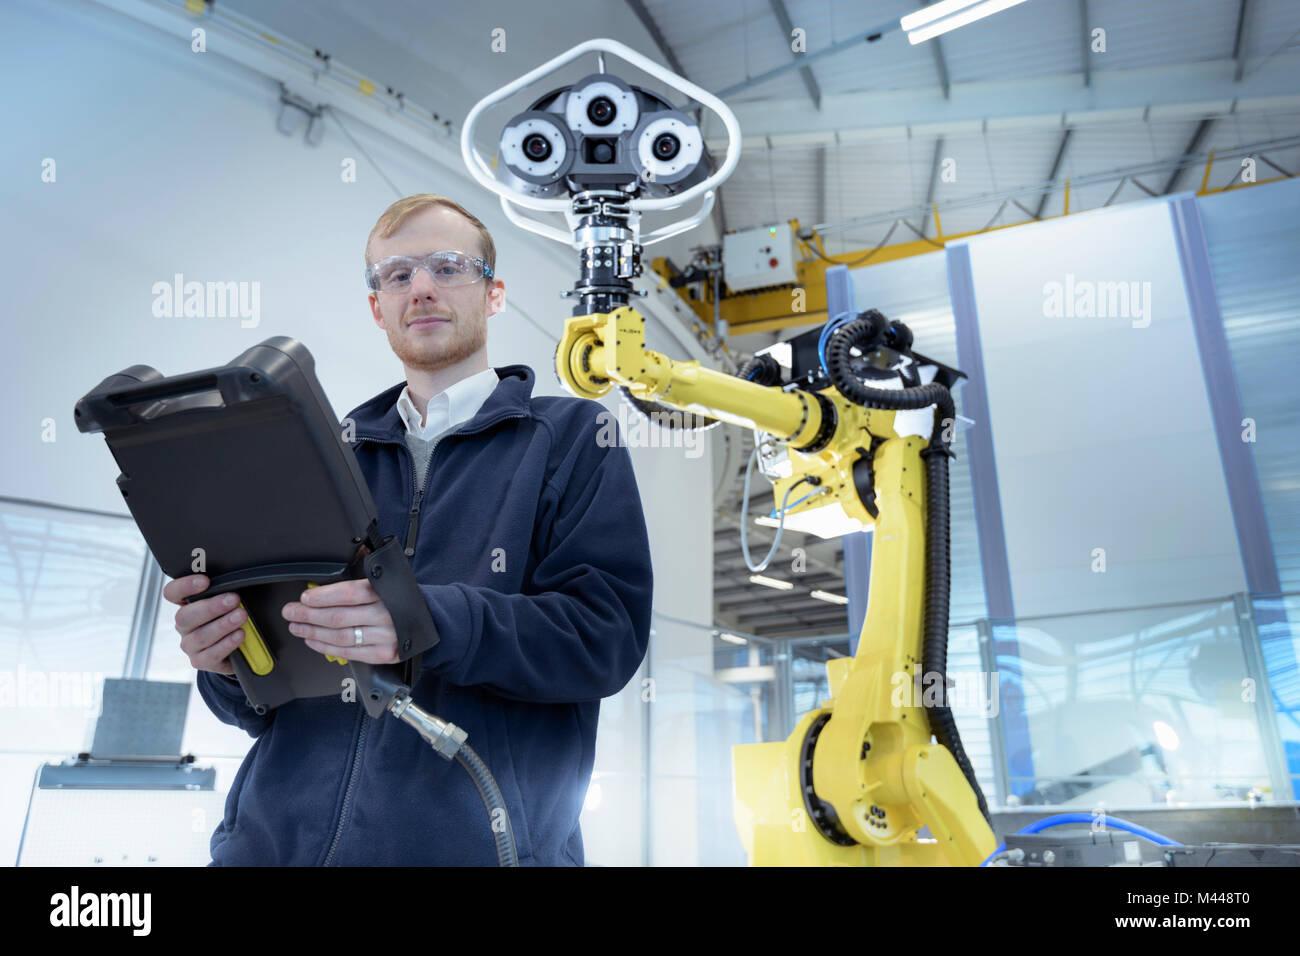 Portrait von Ingenieur mit Roboter in Robotics Research Facility Stockbild